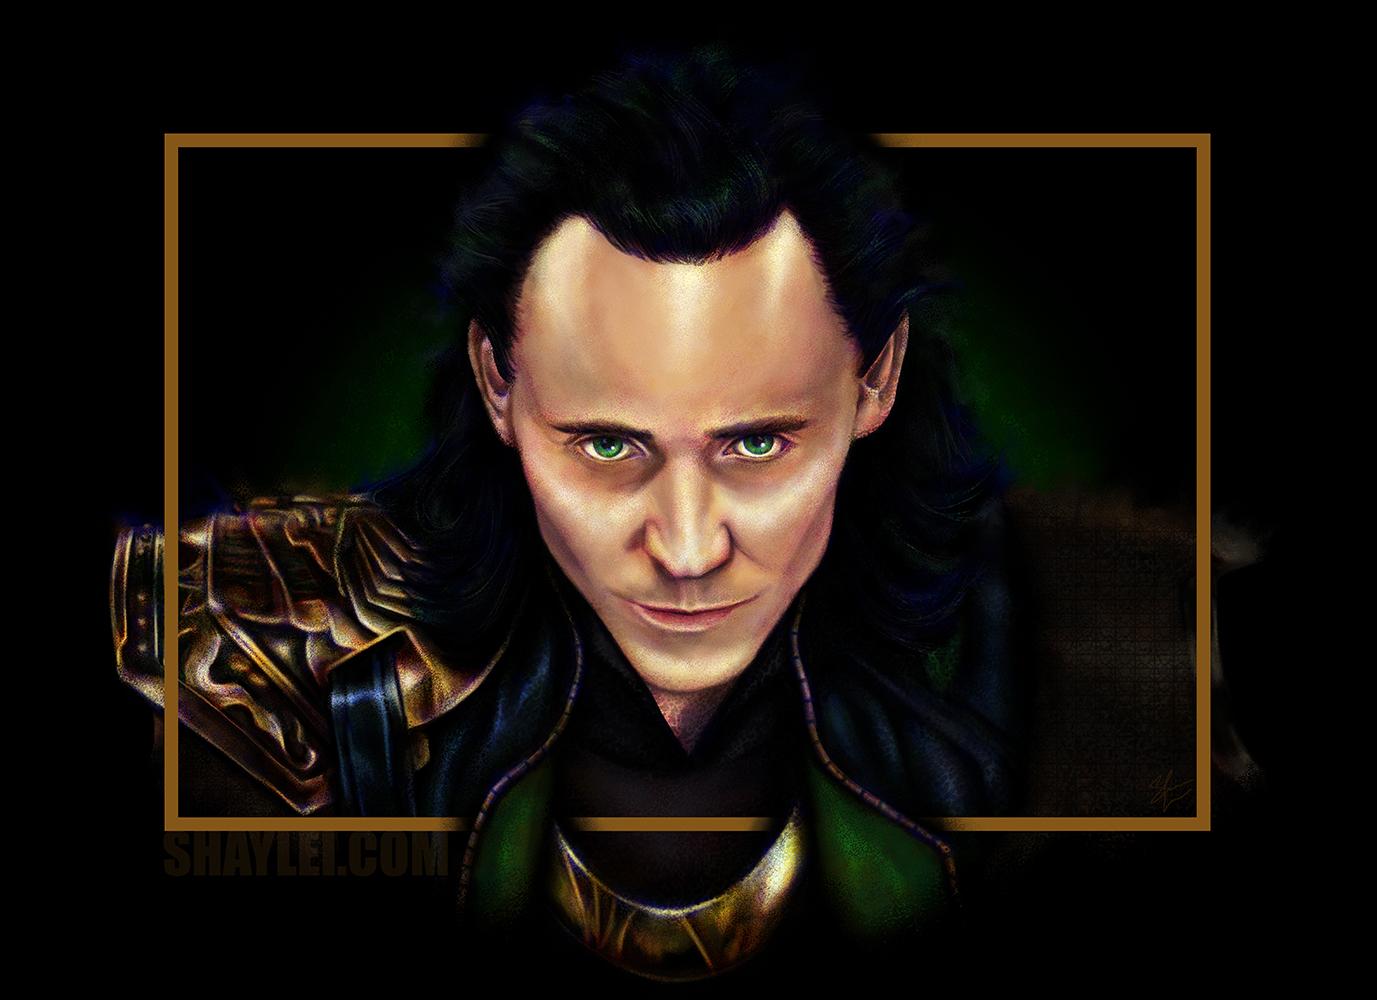 Loki of Hiddleston